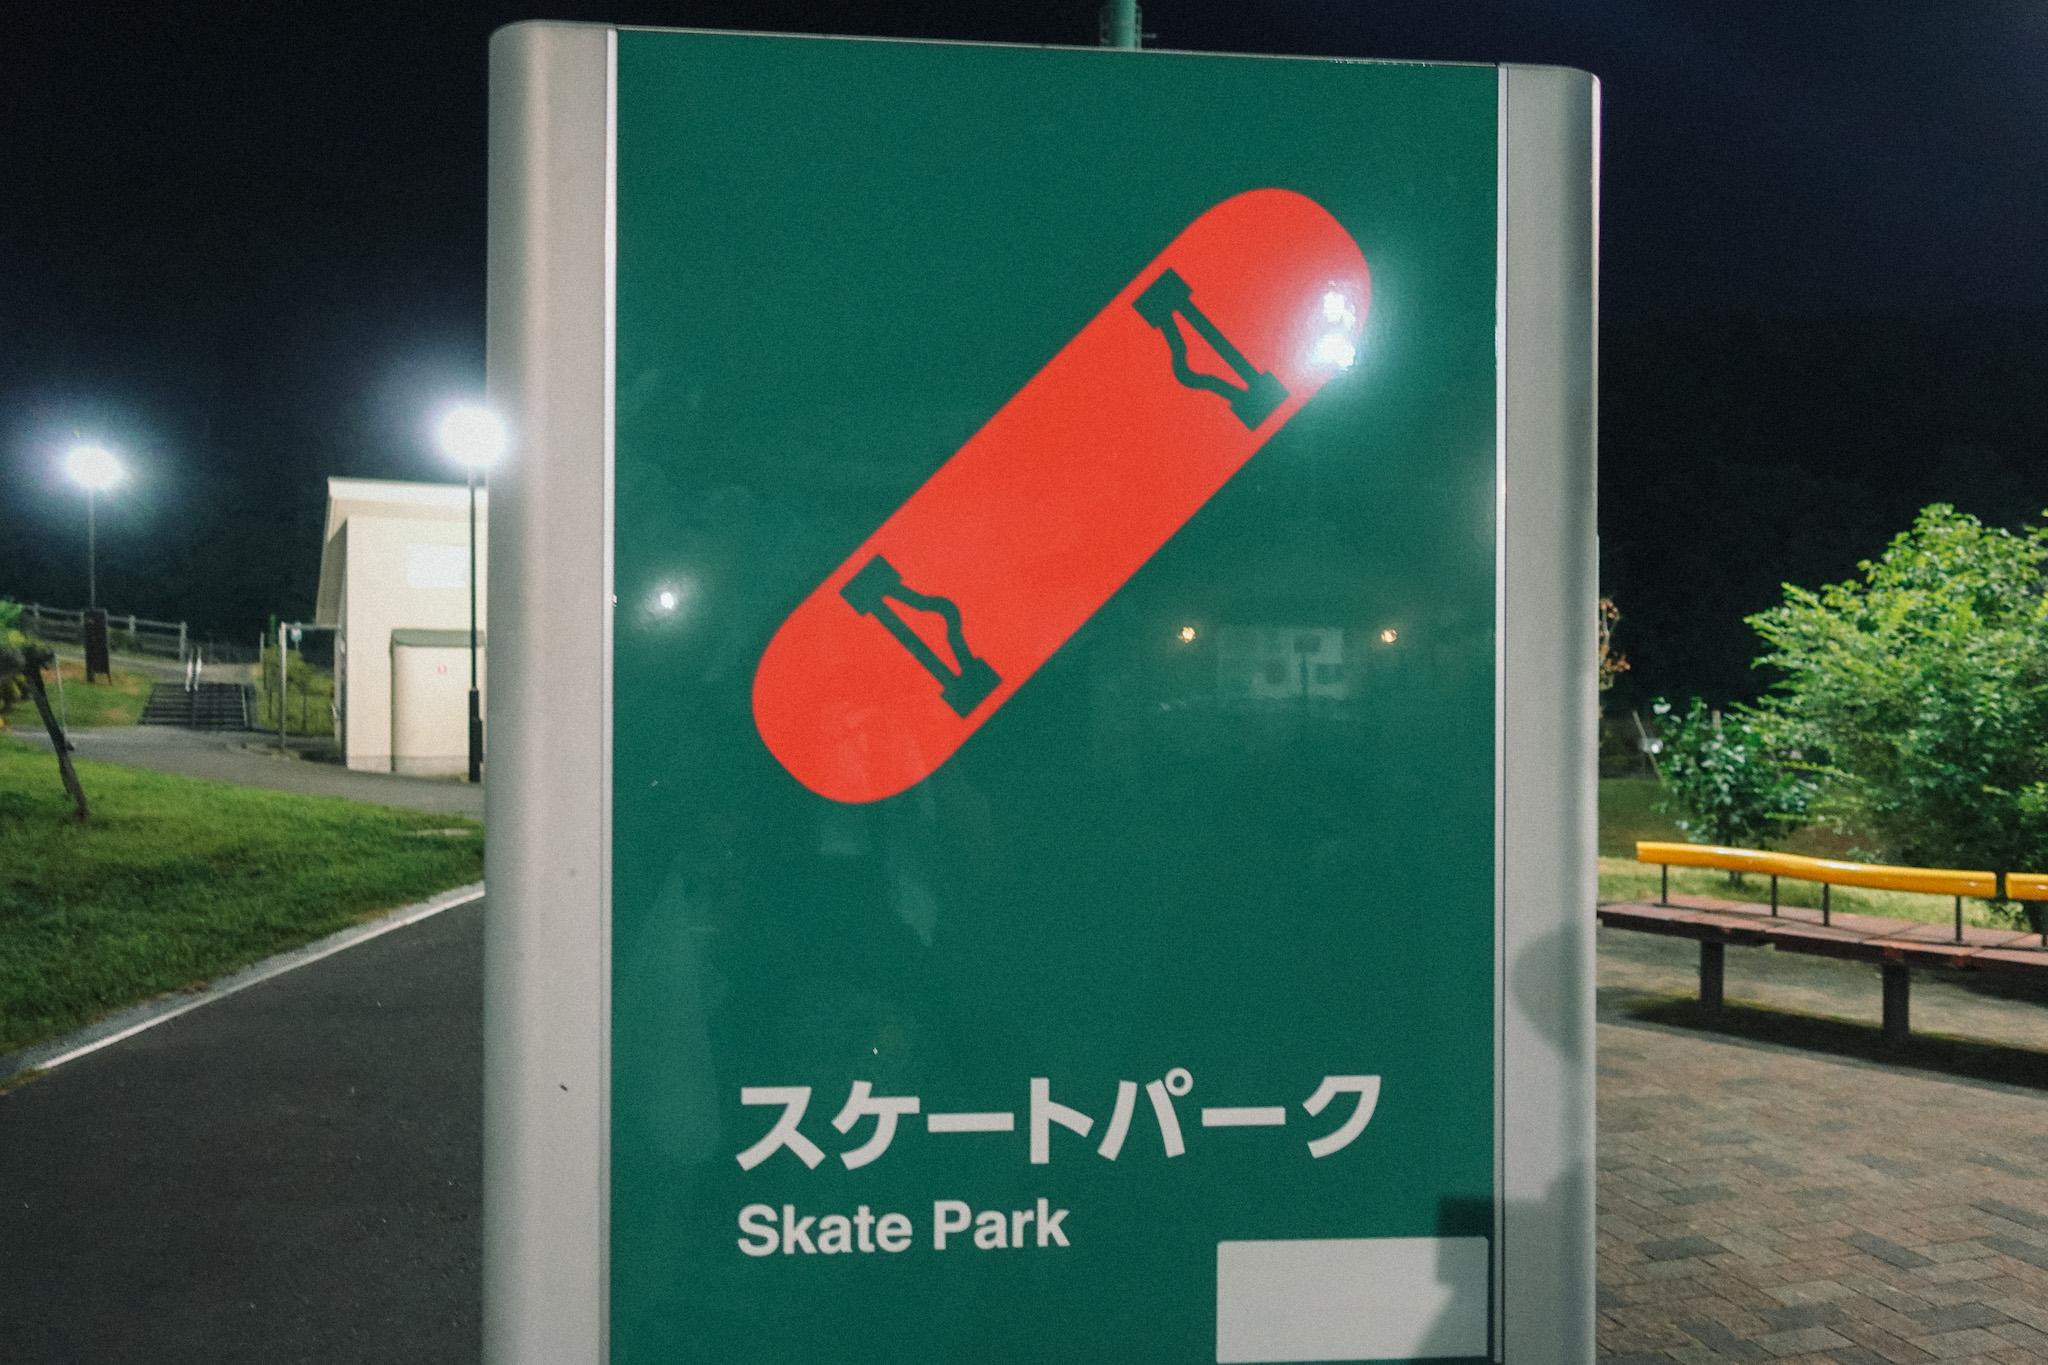 プラネットパーク看板